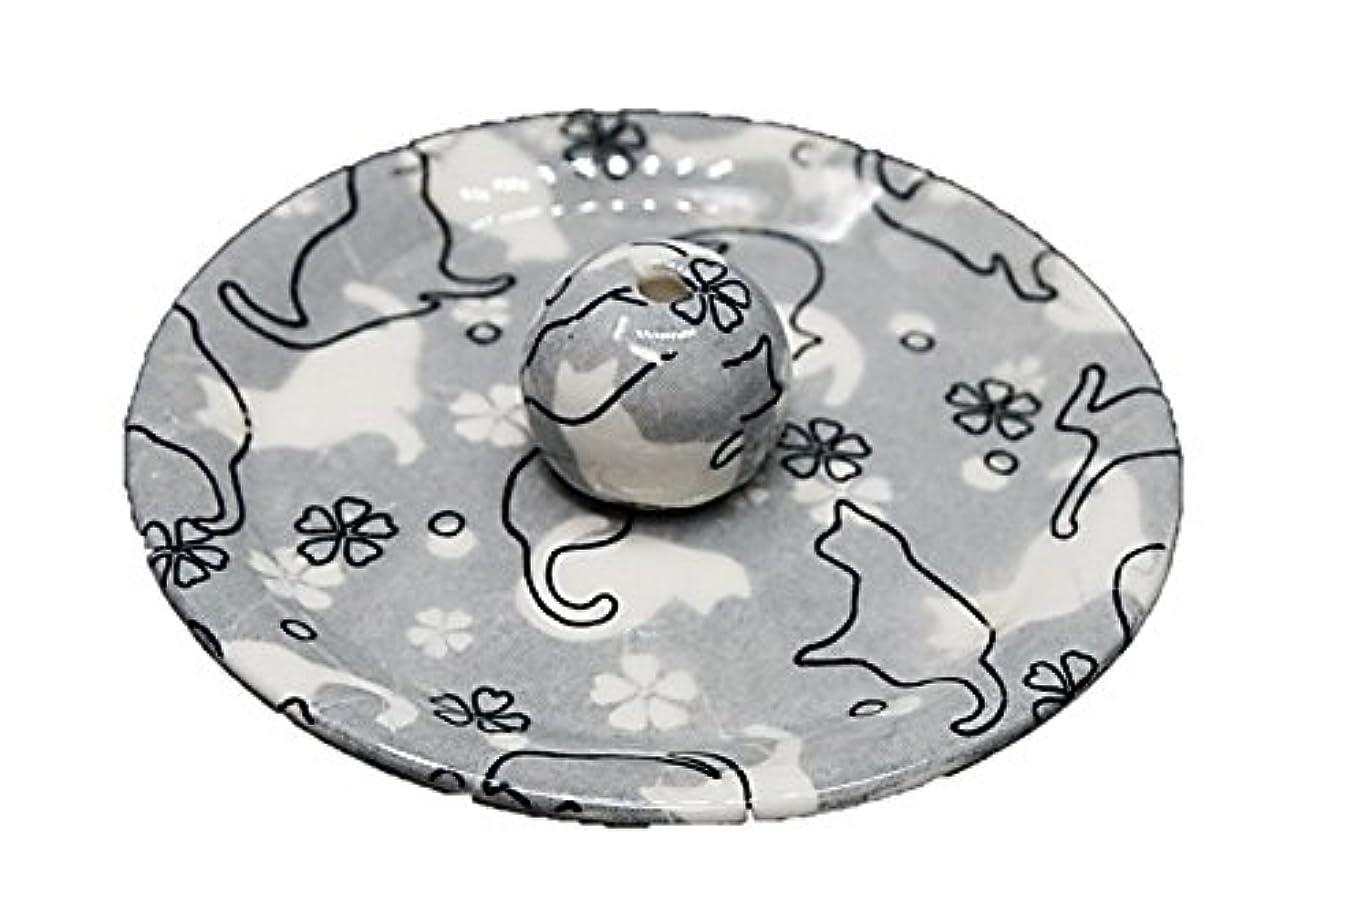 資産大胆不敵創傷9-48 ねこランド(グレー) 9cm香皿 日本製 お香立て 陶器 猫柄